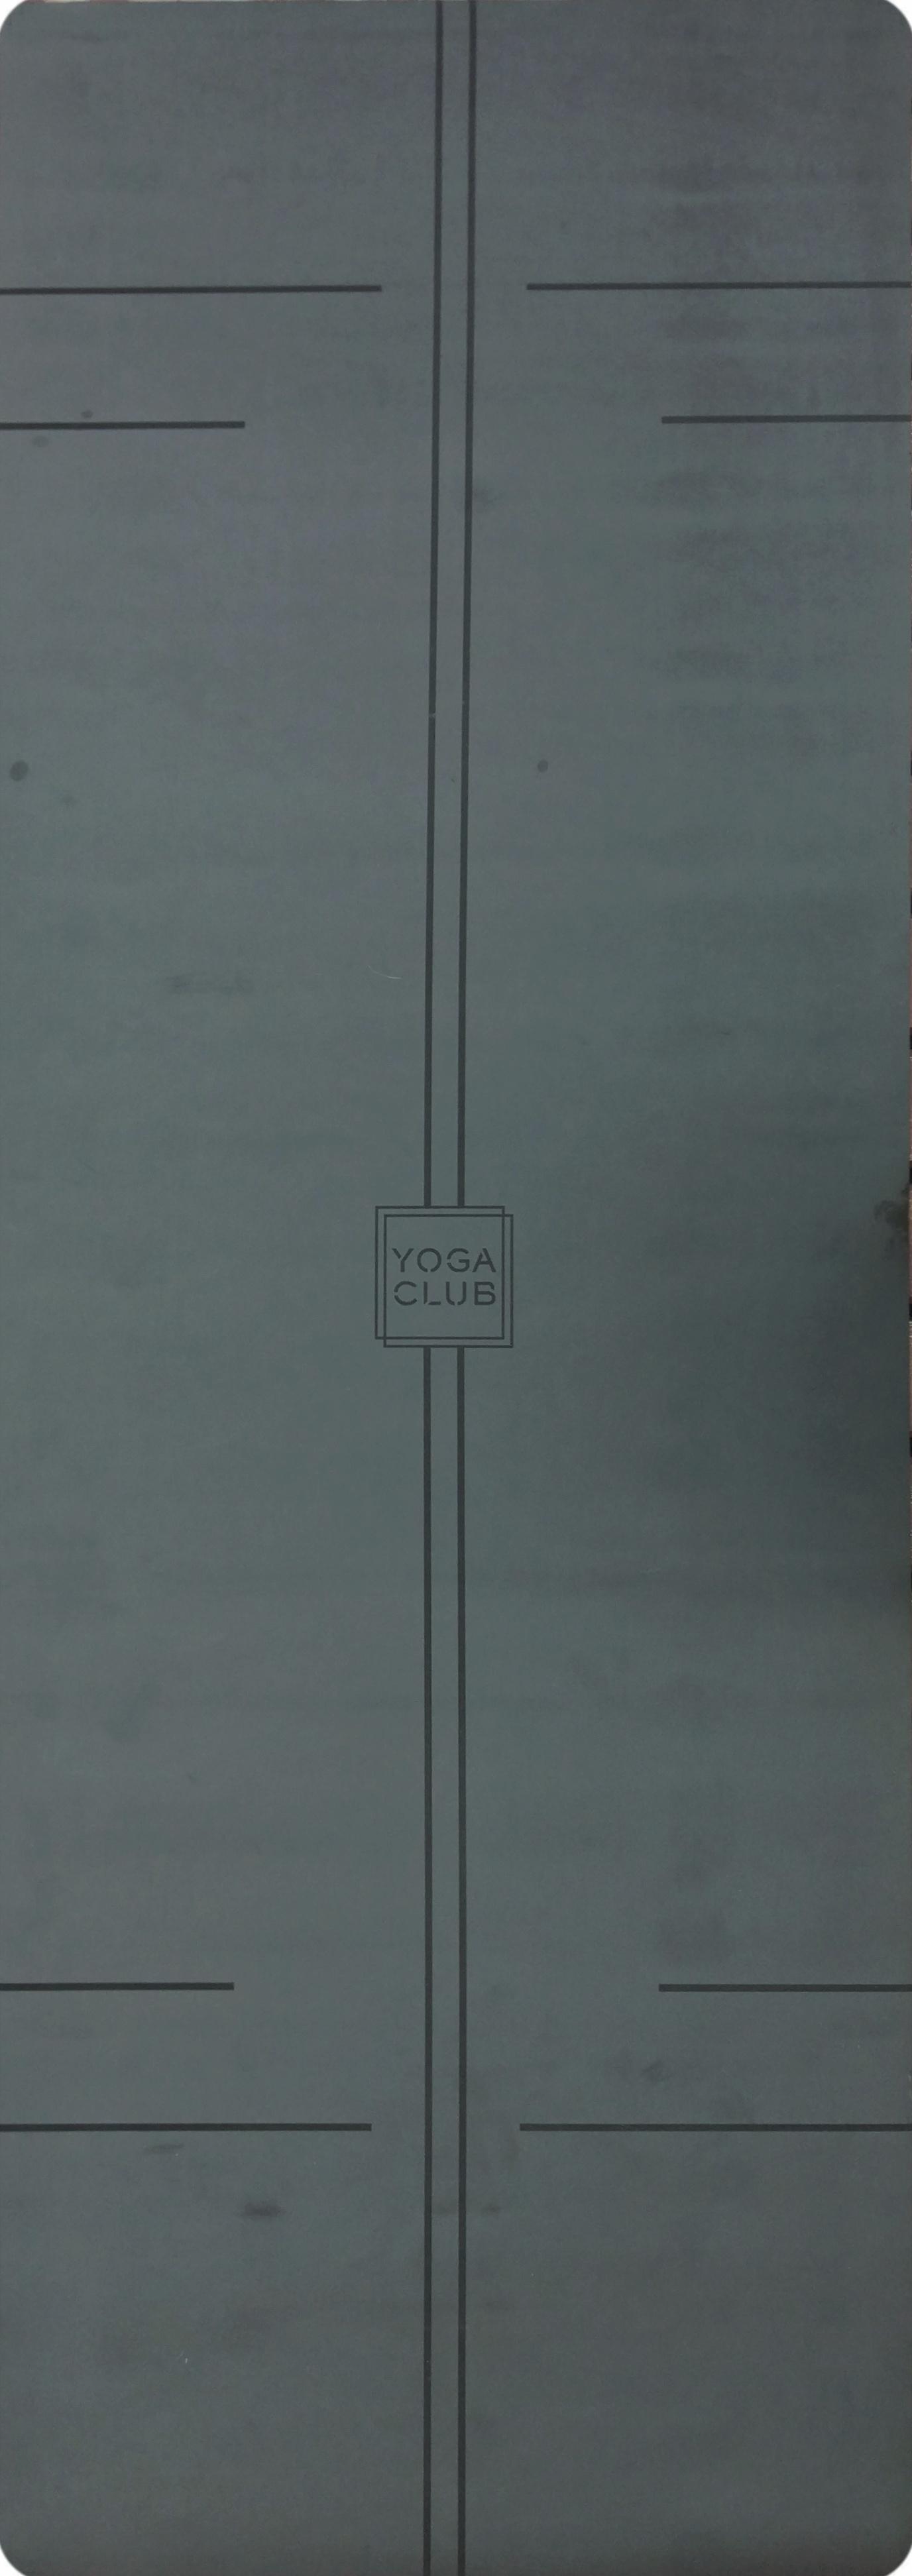 Коврик для йоги Pro YC из полиуретана и каучука (2,3 кг, 185 см, 4.5 мм, черный, 68см) авз барс капли от блох и клещей для собак от 20 до 30кг 1 доза 4 2мл